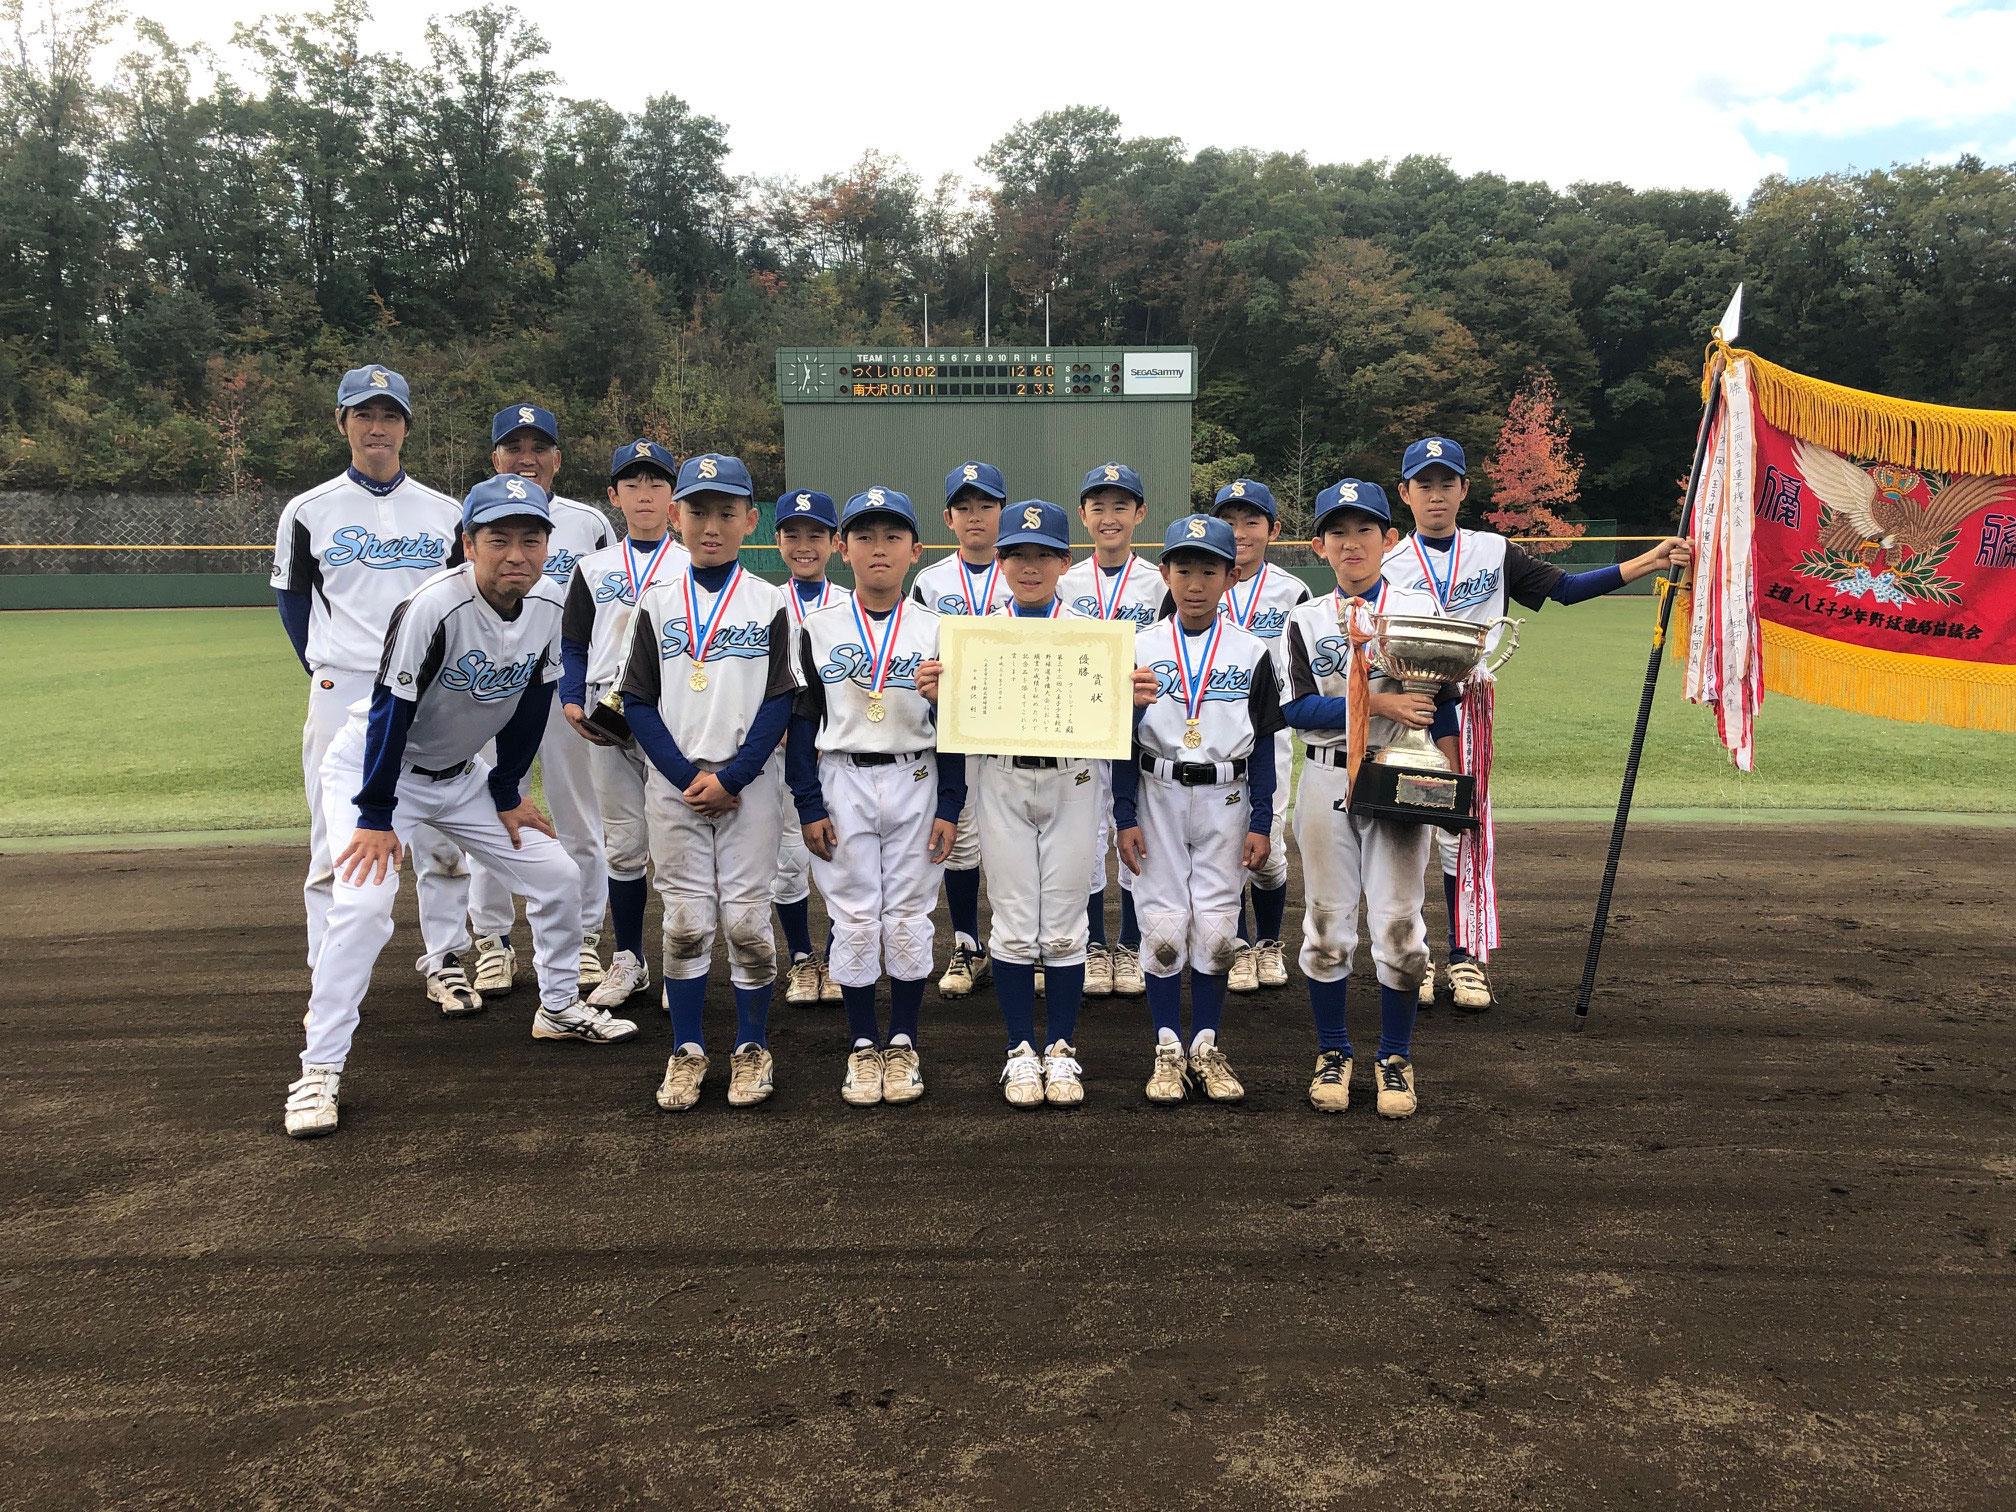 第32回八王子少年軟式野球 選手権大会 優勝 つくしシャークス 平成30年11月11日